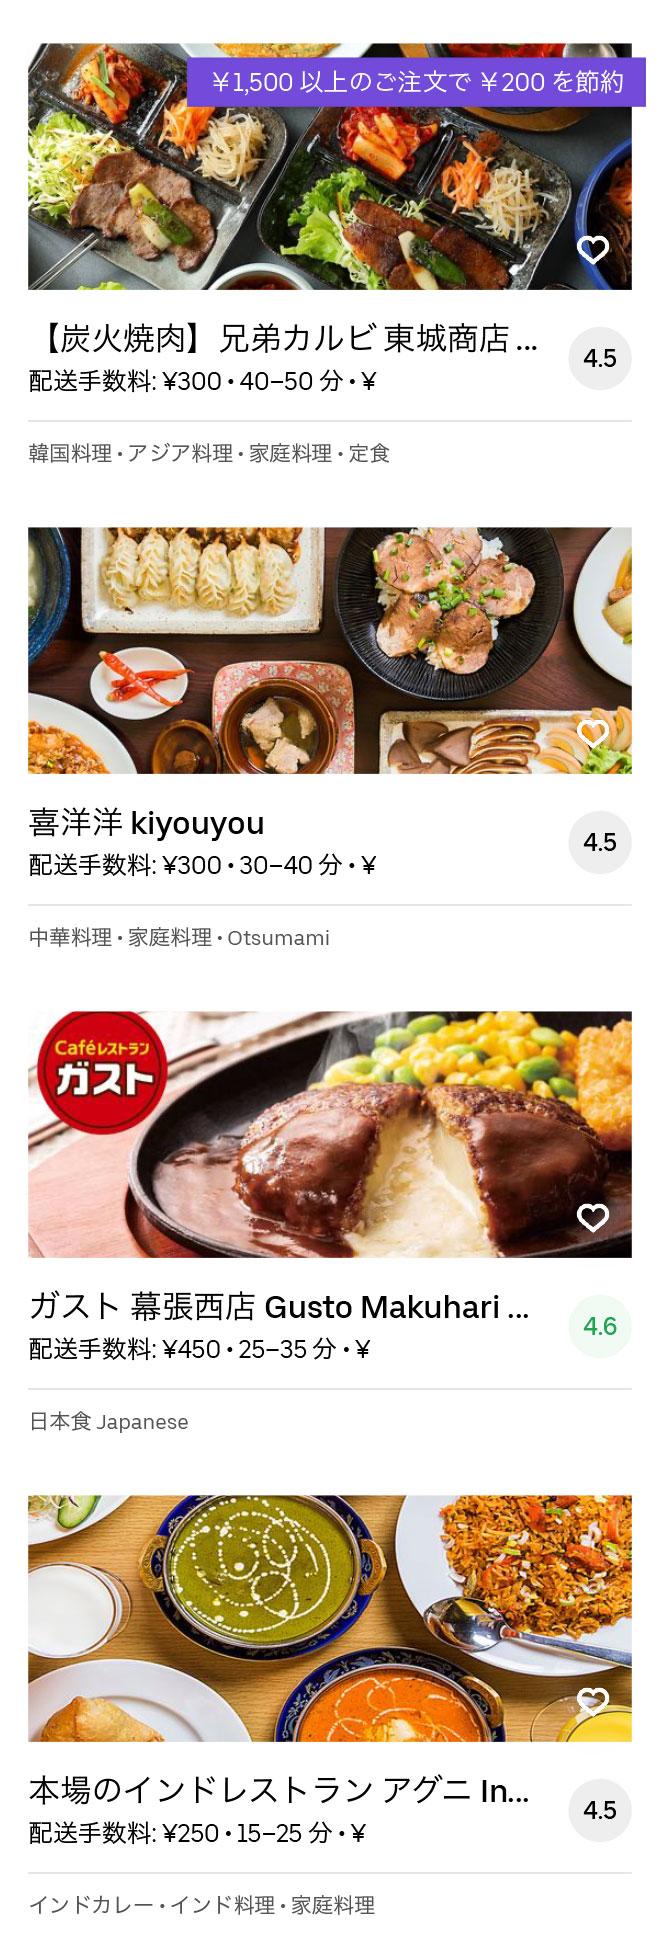 Narashino tudanuma menu 2004 11